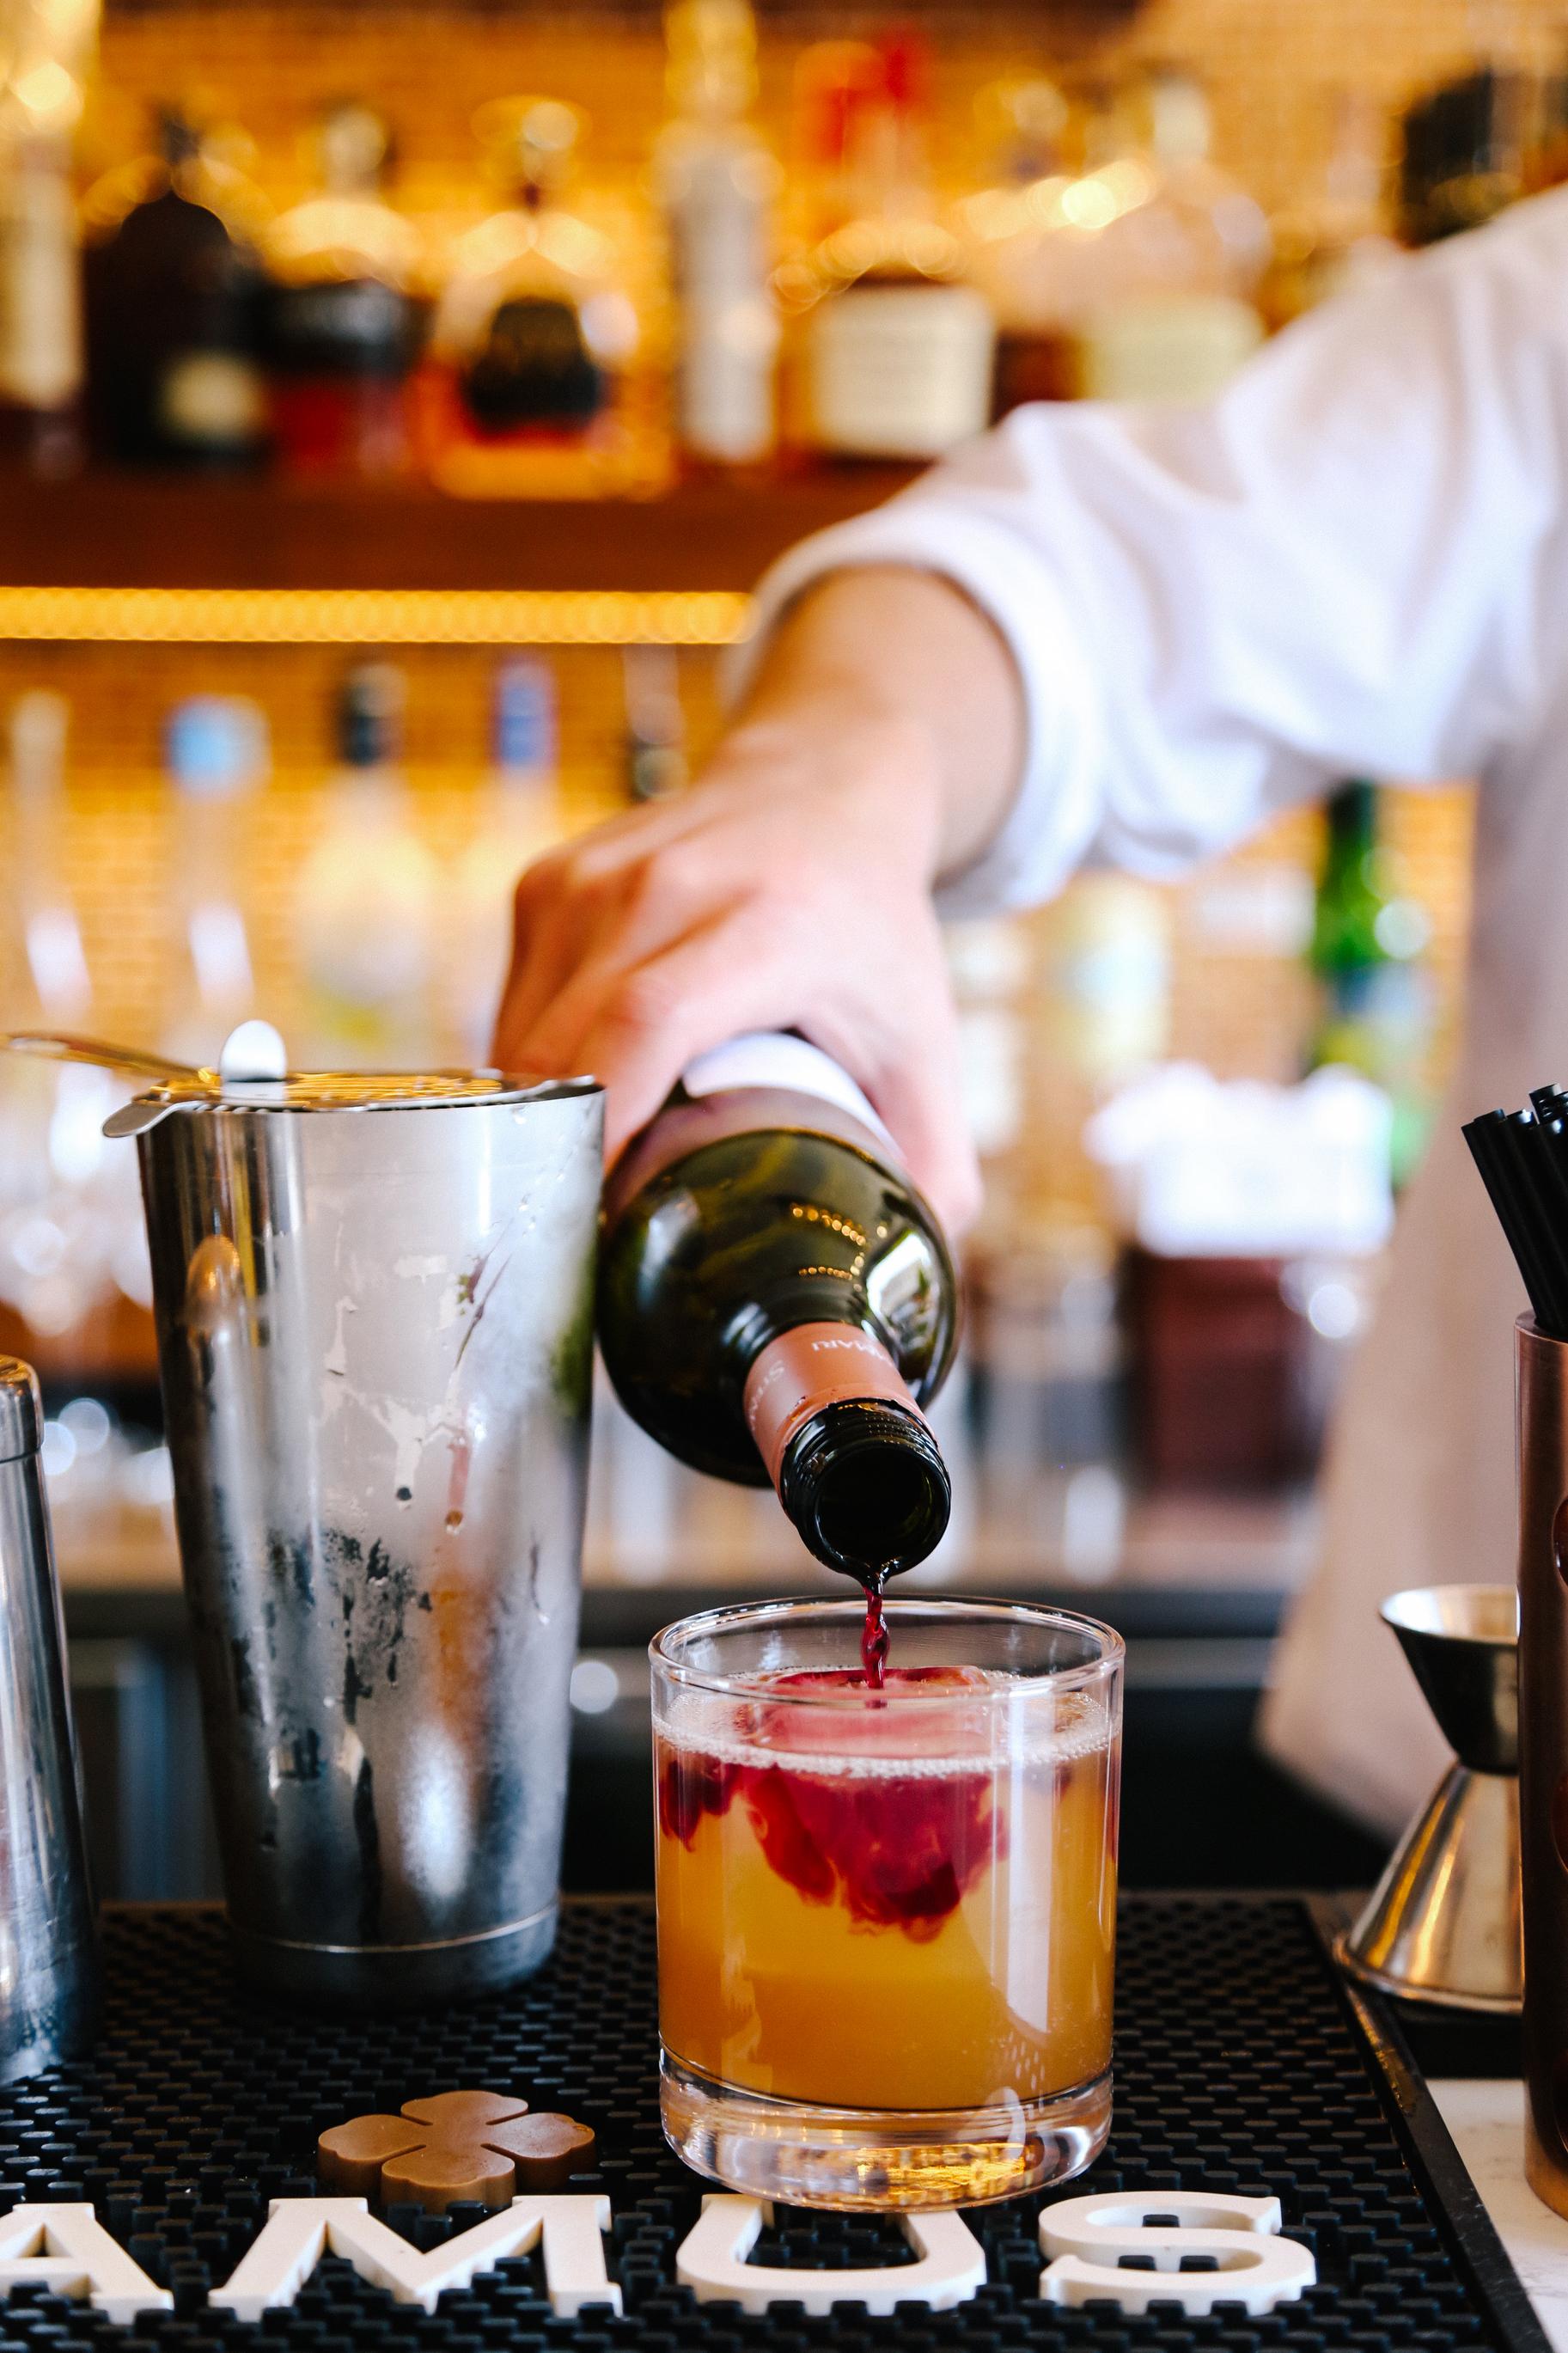 flour-house-cocktail-gif-4.jpg